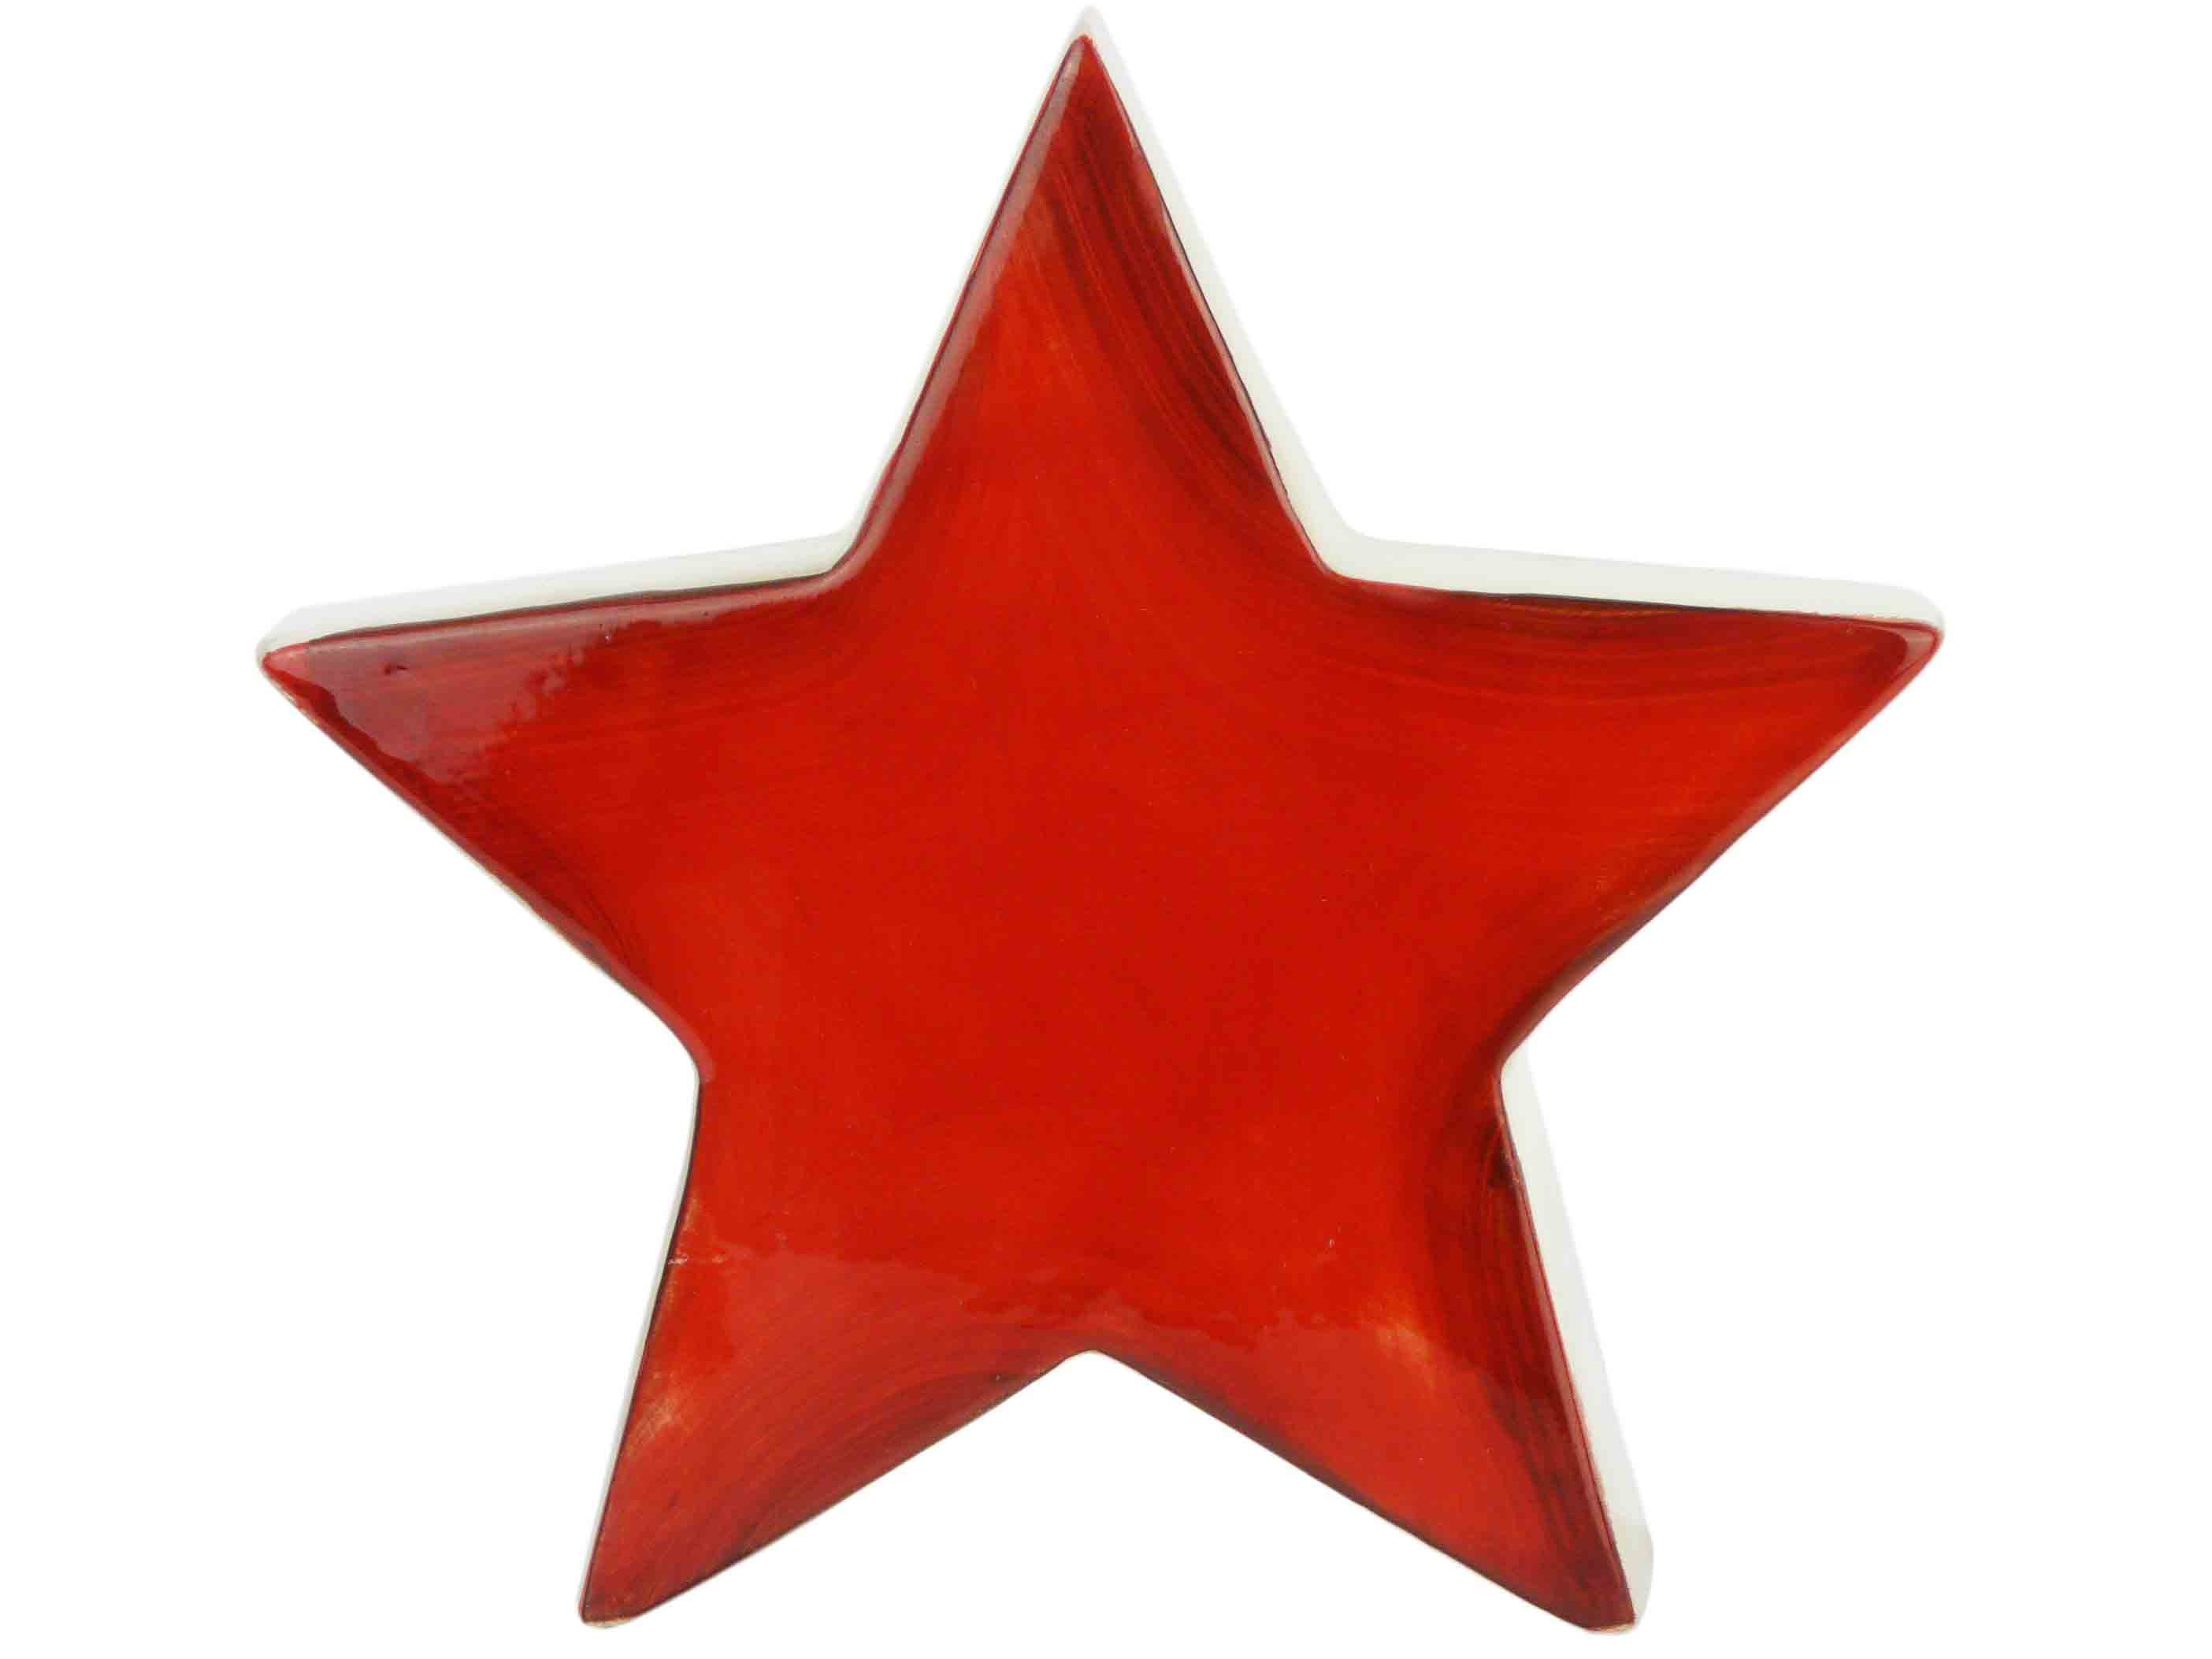 Stern Weihnachten.Details Zu Roter Stern Keramik Weihnachtsstern Deko Weihnachten Geschenkidee Keramikfigur